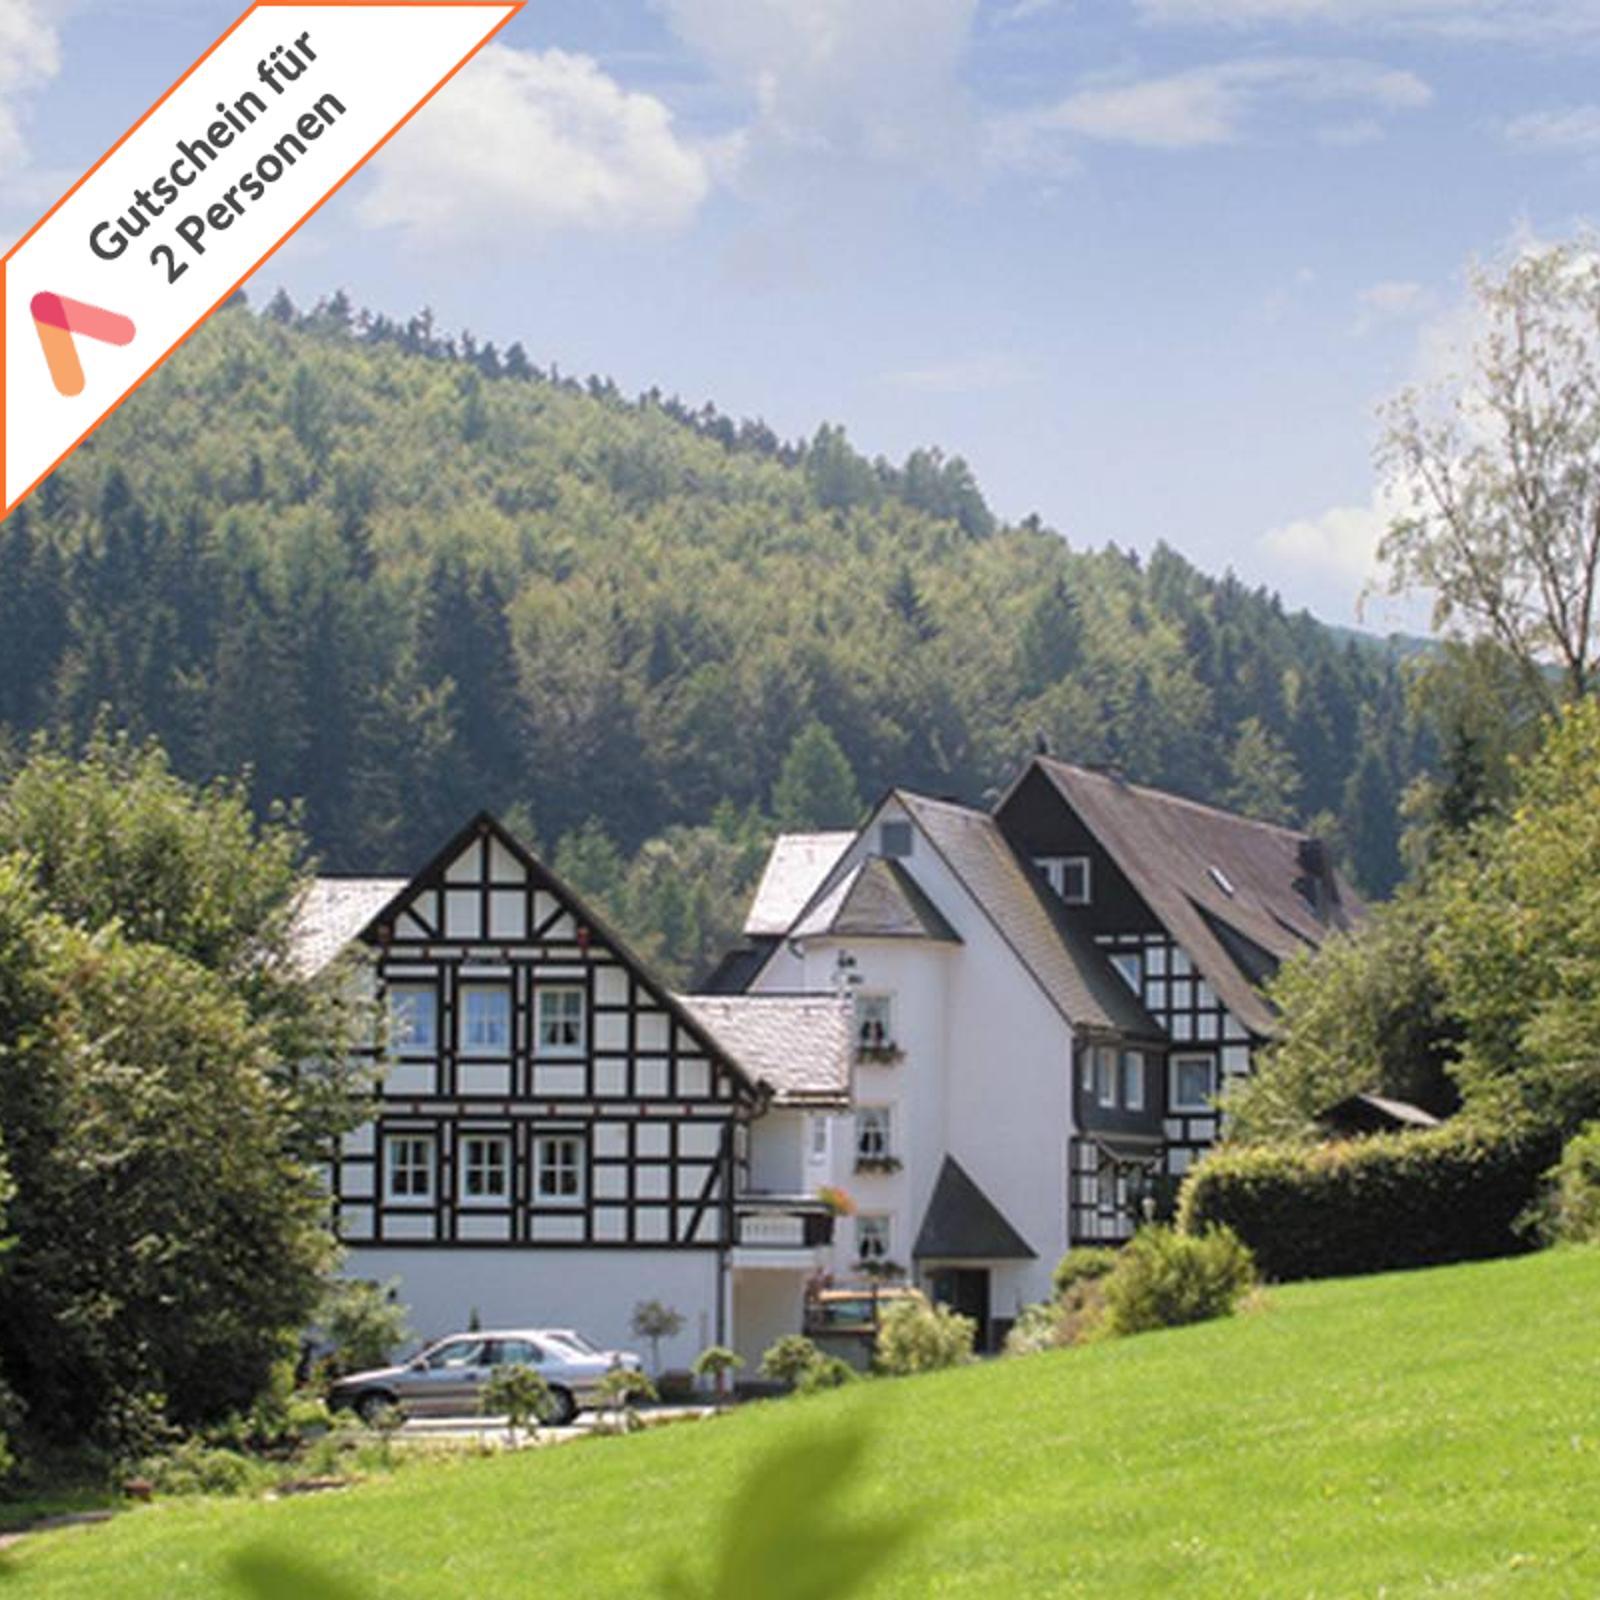 Kurzreise mit Hund Sauerland Schmallenberg 3 Tage für 2 Personen Hotelgutschein